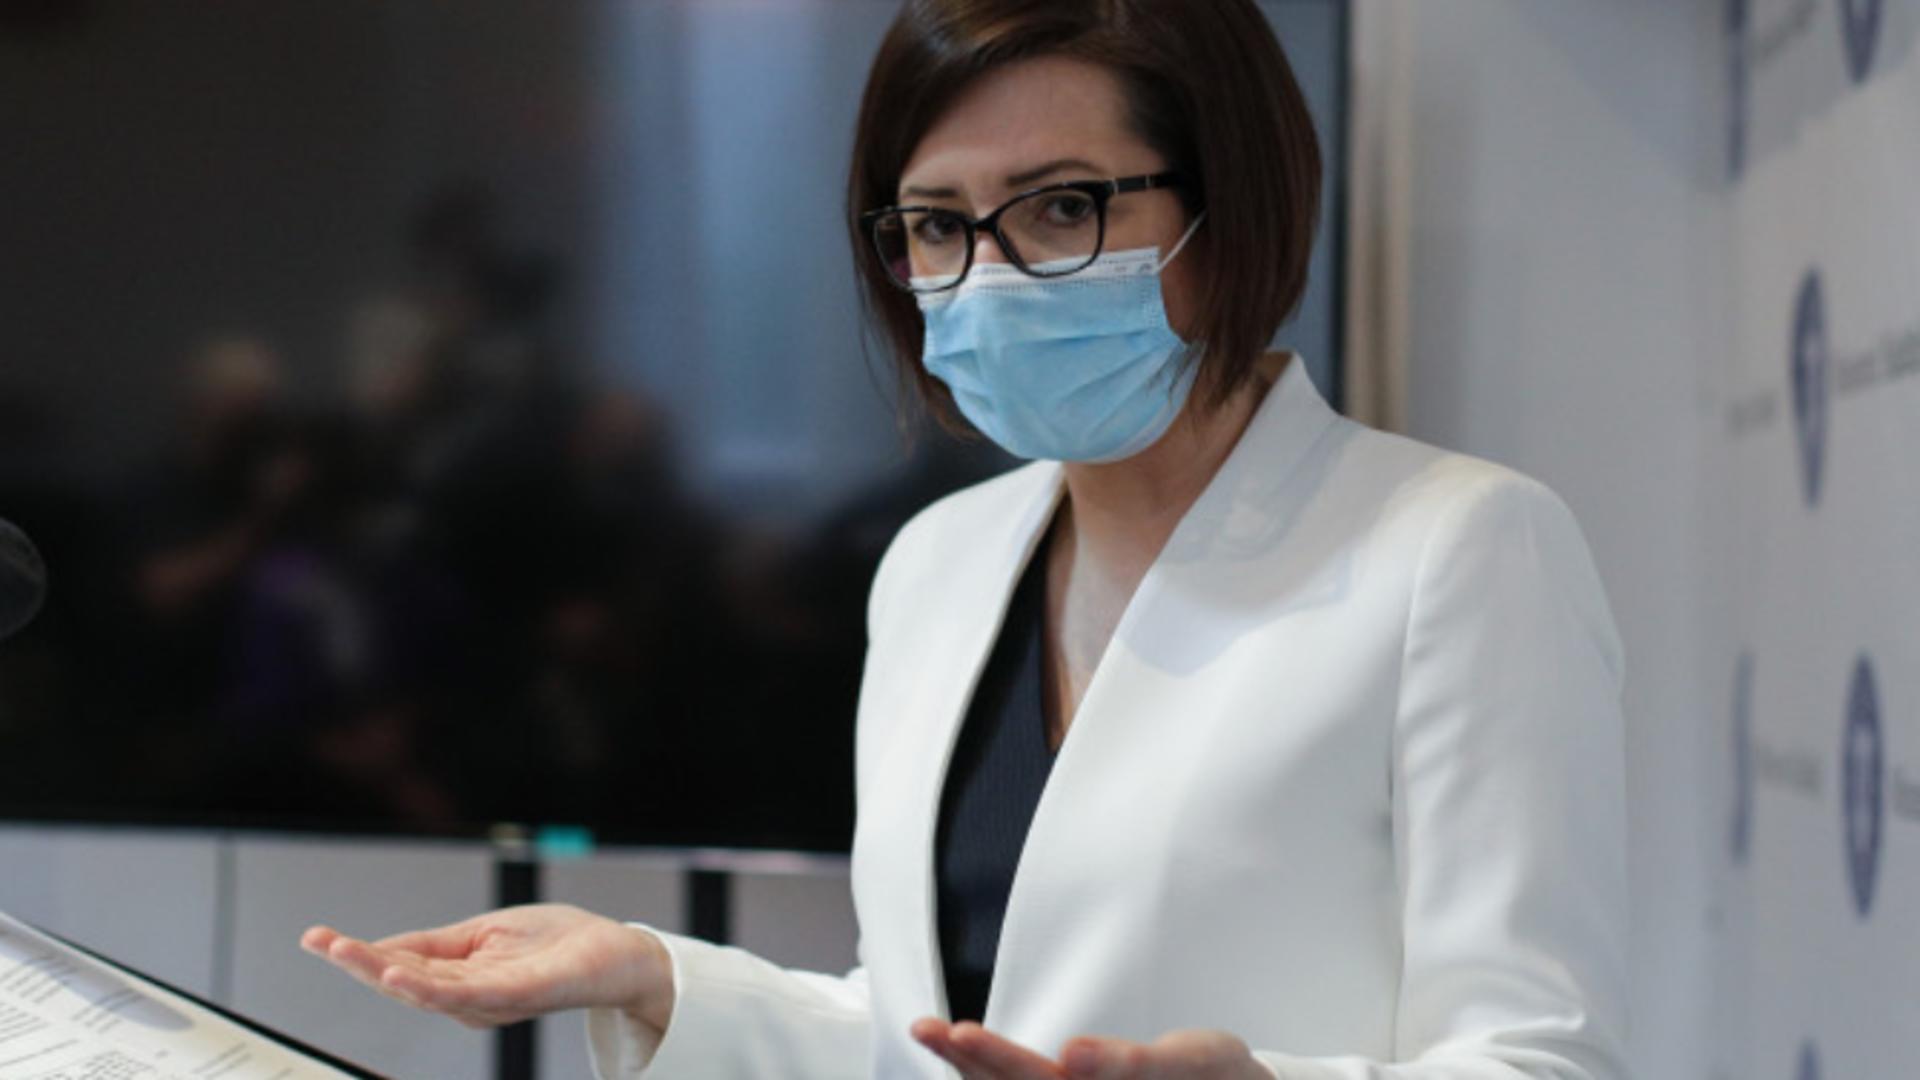 Ministrul Sănătății, Ioana Mihăilă, a anunțat CUM vor afla rudele pacienților bolnavi de COVID-10 care este starea lor de sănătate